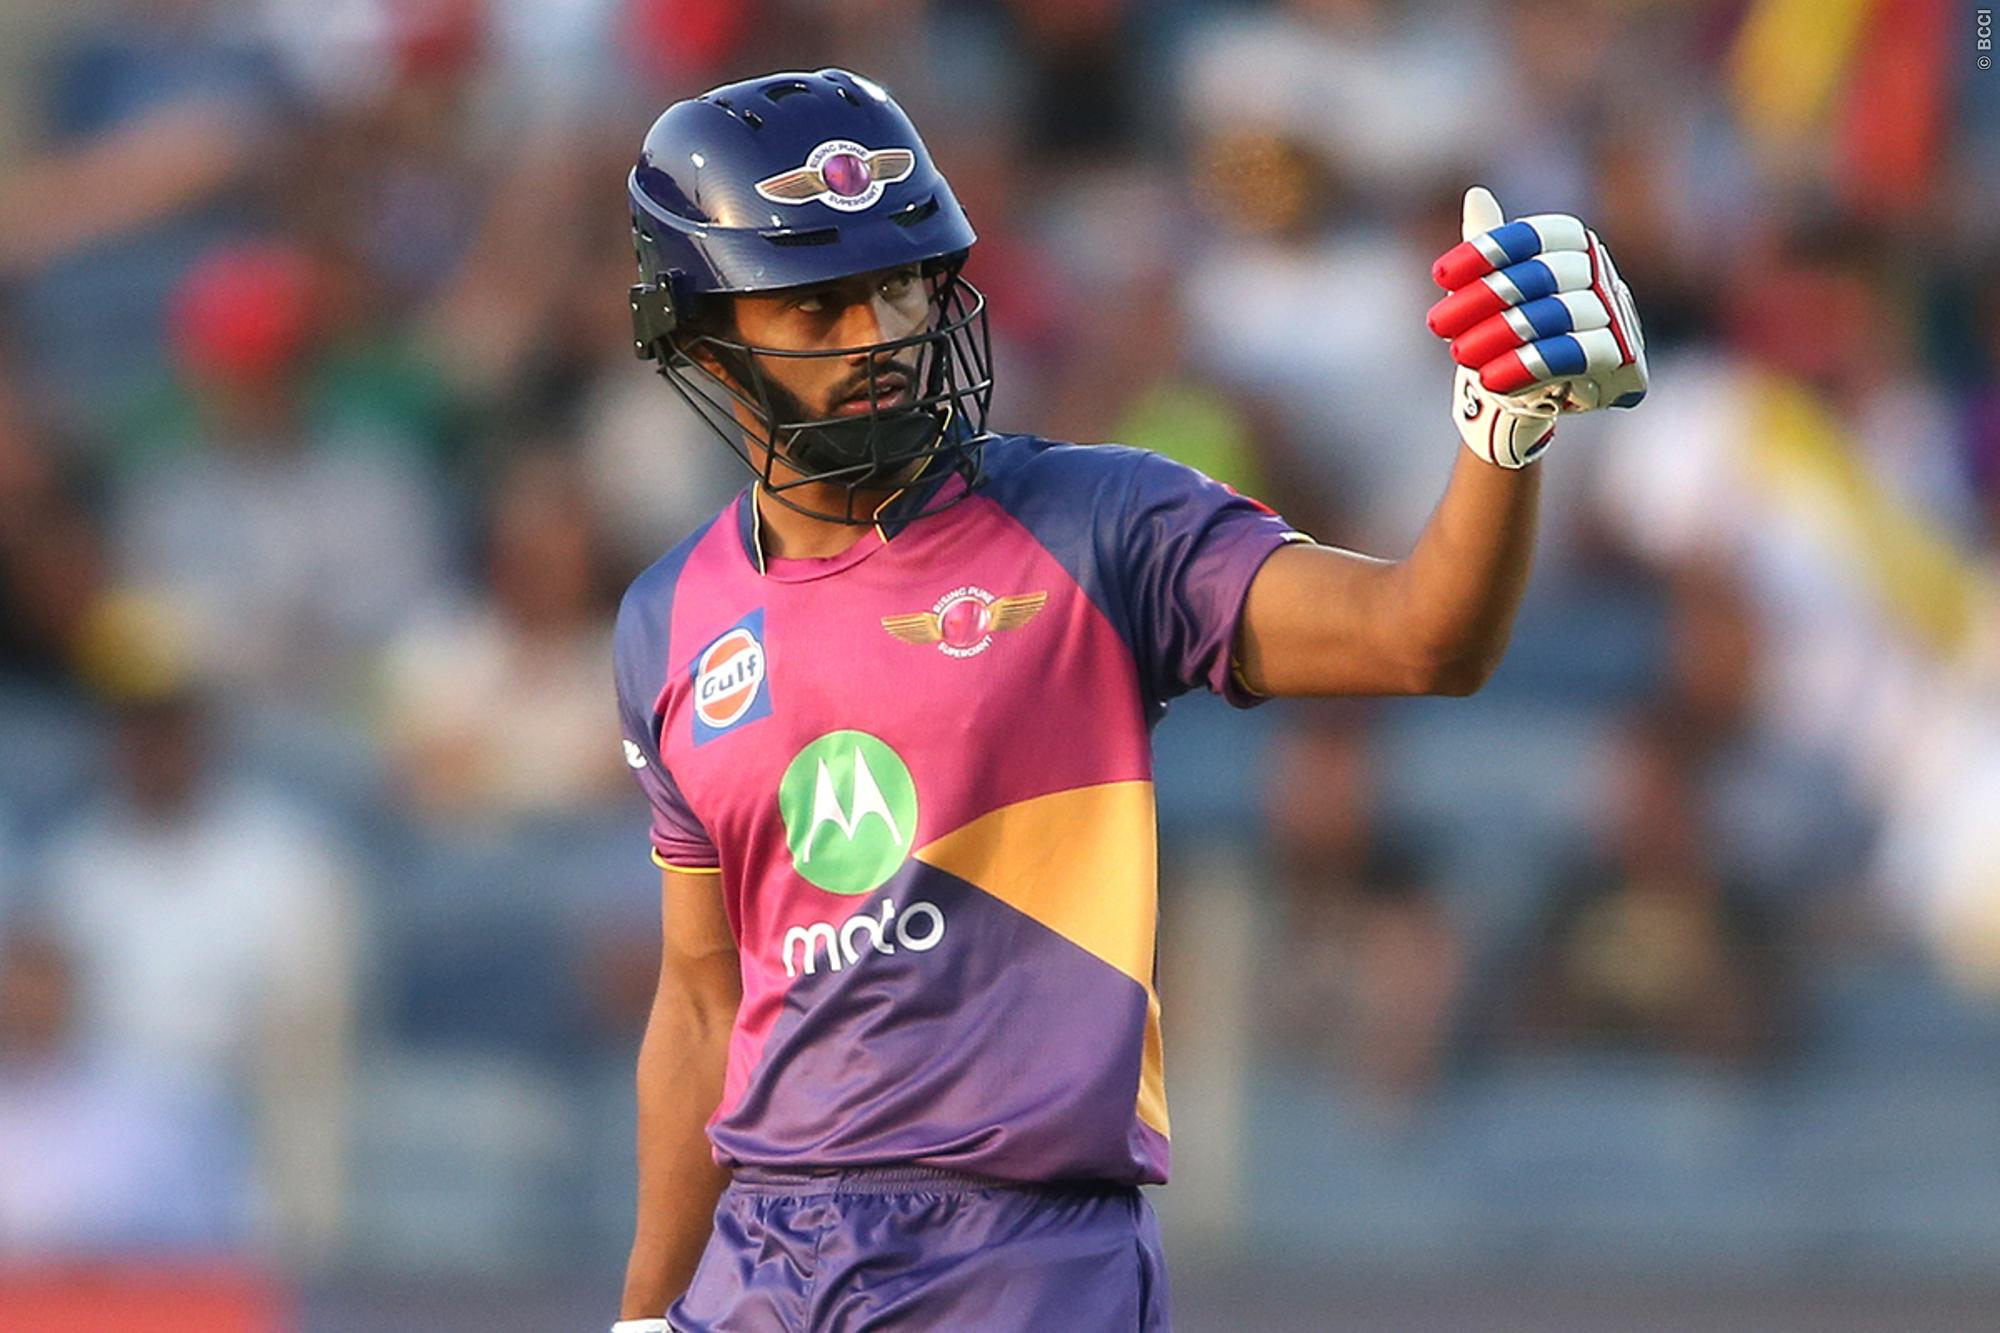 आईपीएल 11 में ये 10 भारतीय खिलाड़ी होंगे मालामाल, फ्रेंचाइजी खरीदने के लिए लगा देगी जी जान 3